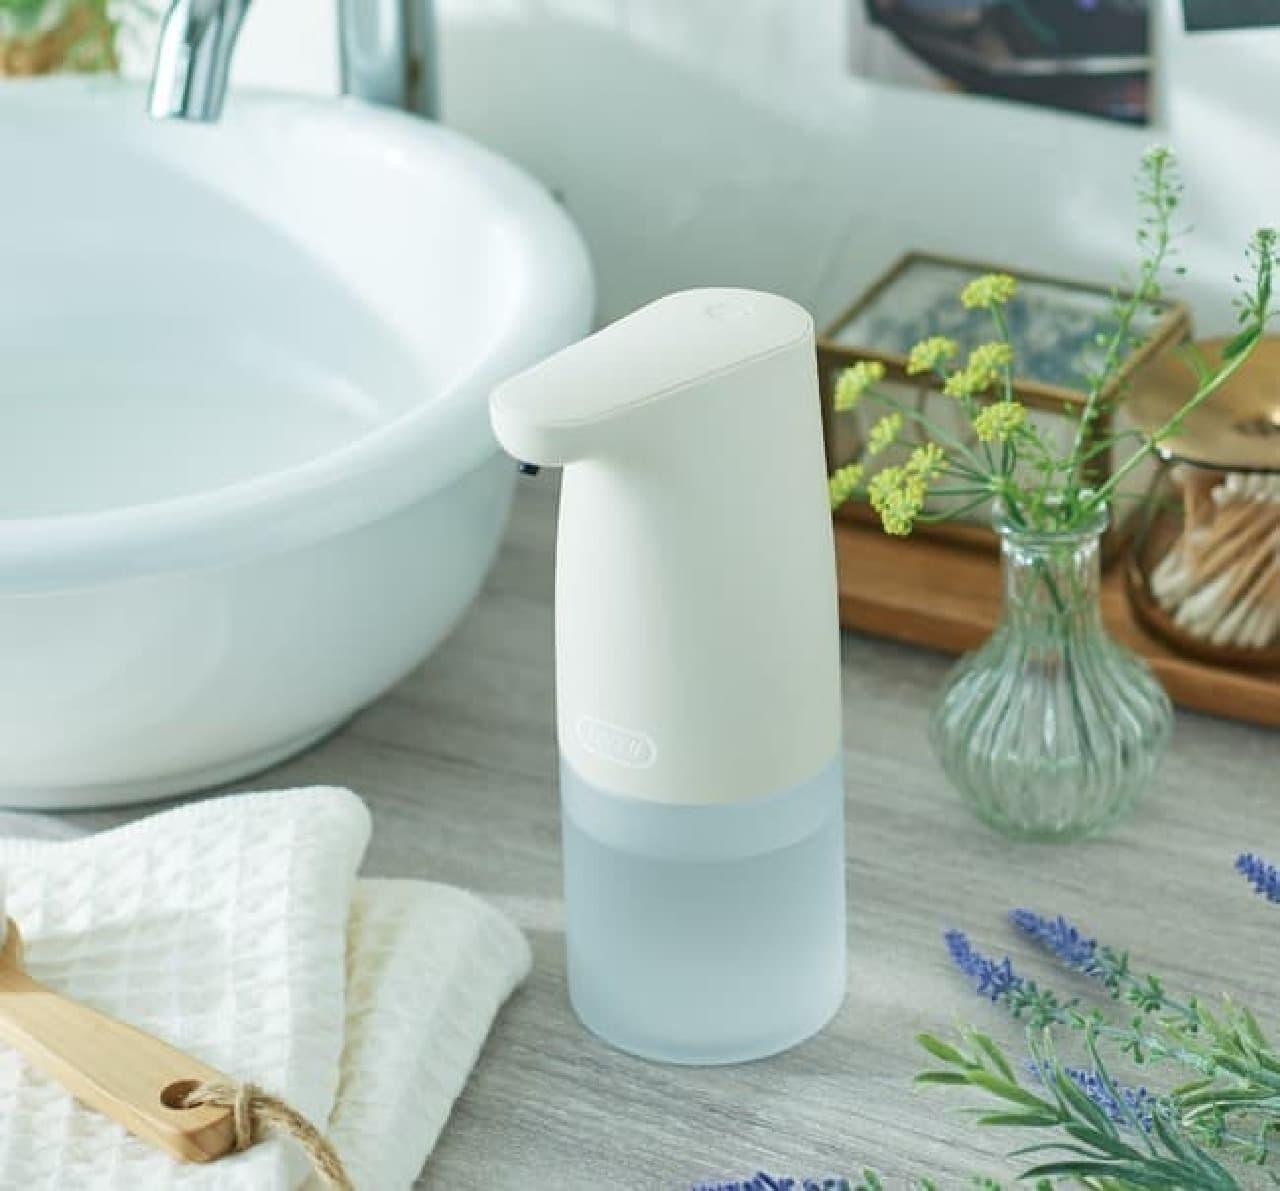 レトロ可愛い「Toffy オートソープディスペンサー」発売 -- 手洗いを簡単&衛生的に